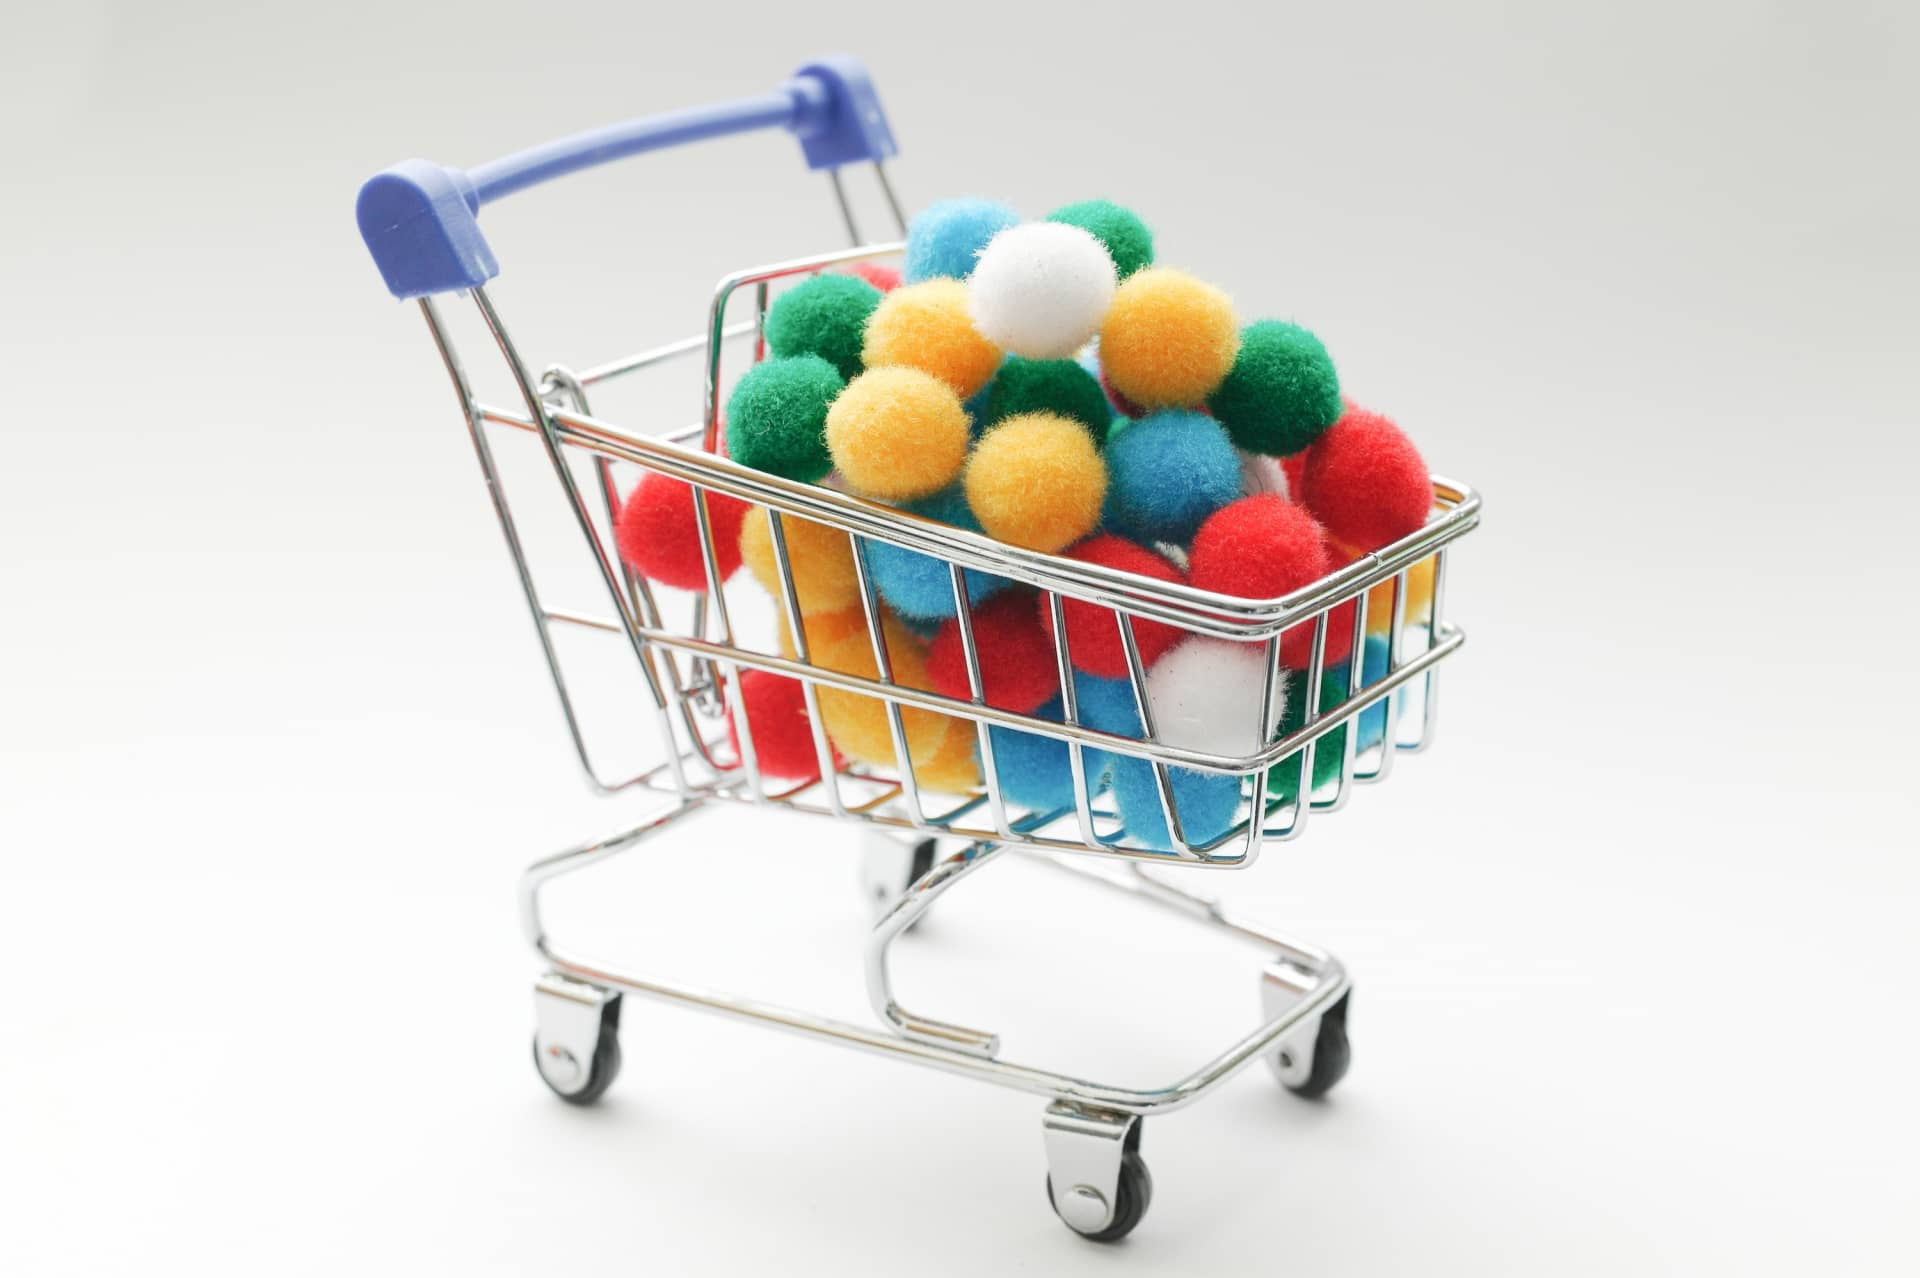 EC-CUBEで買い物かごに入っている商品情報をリアルタイムで常に表示する